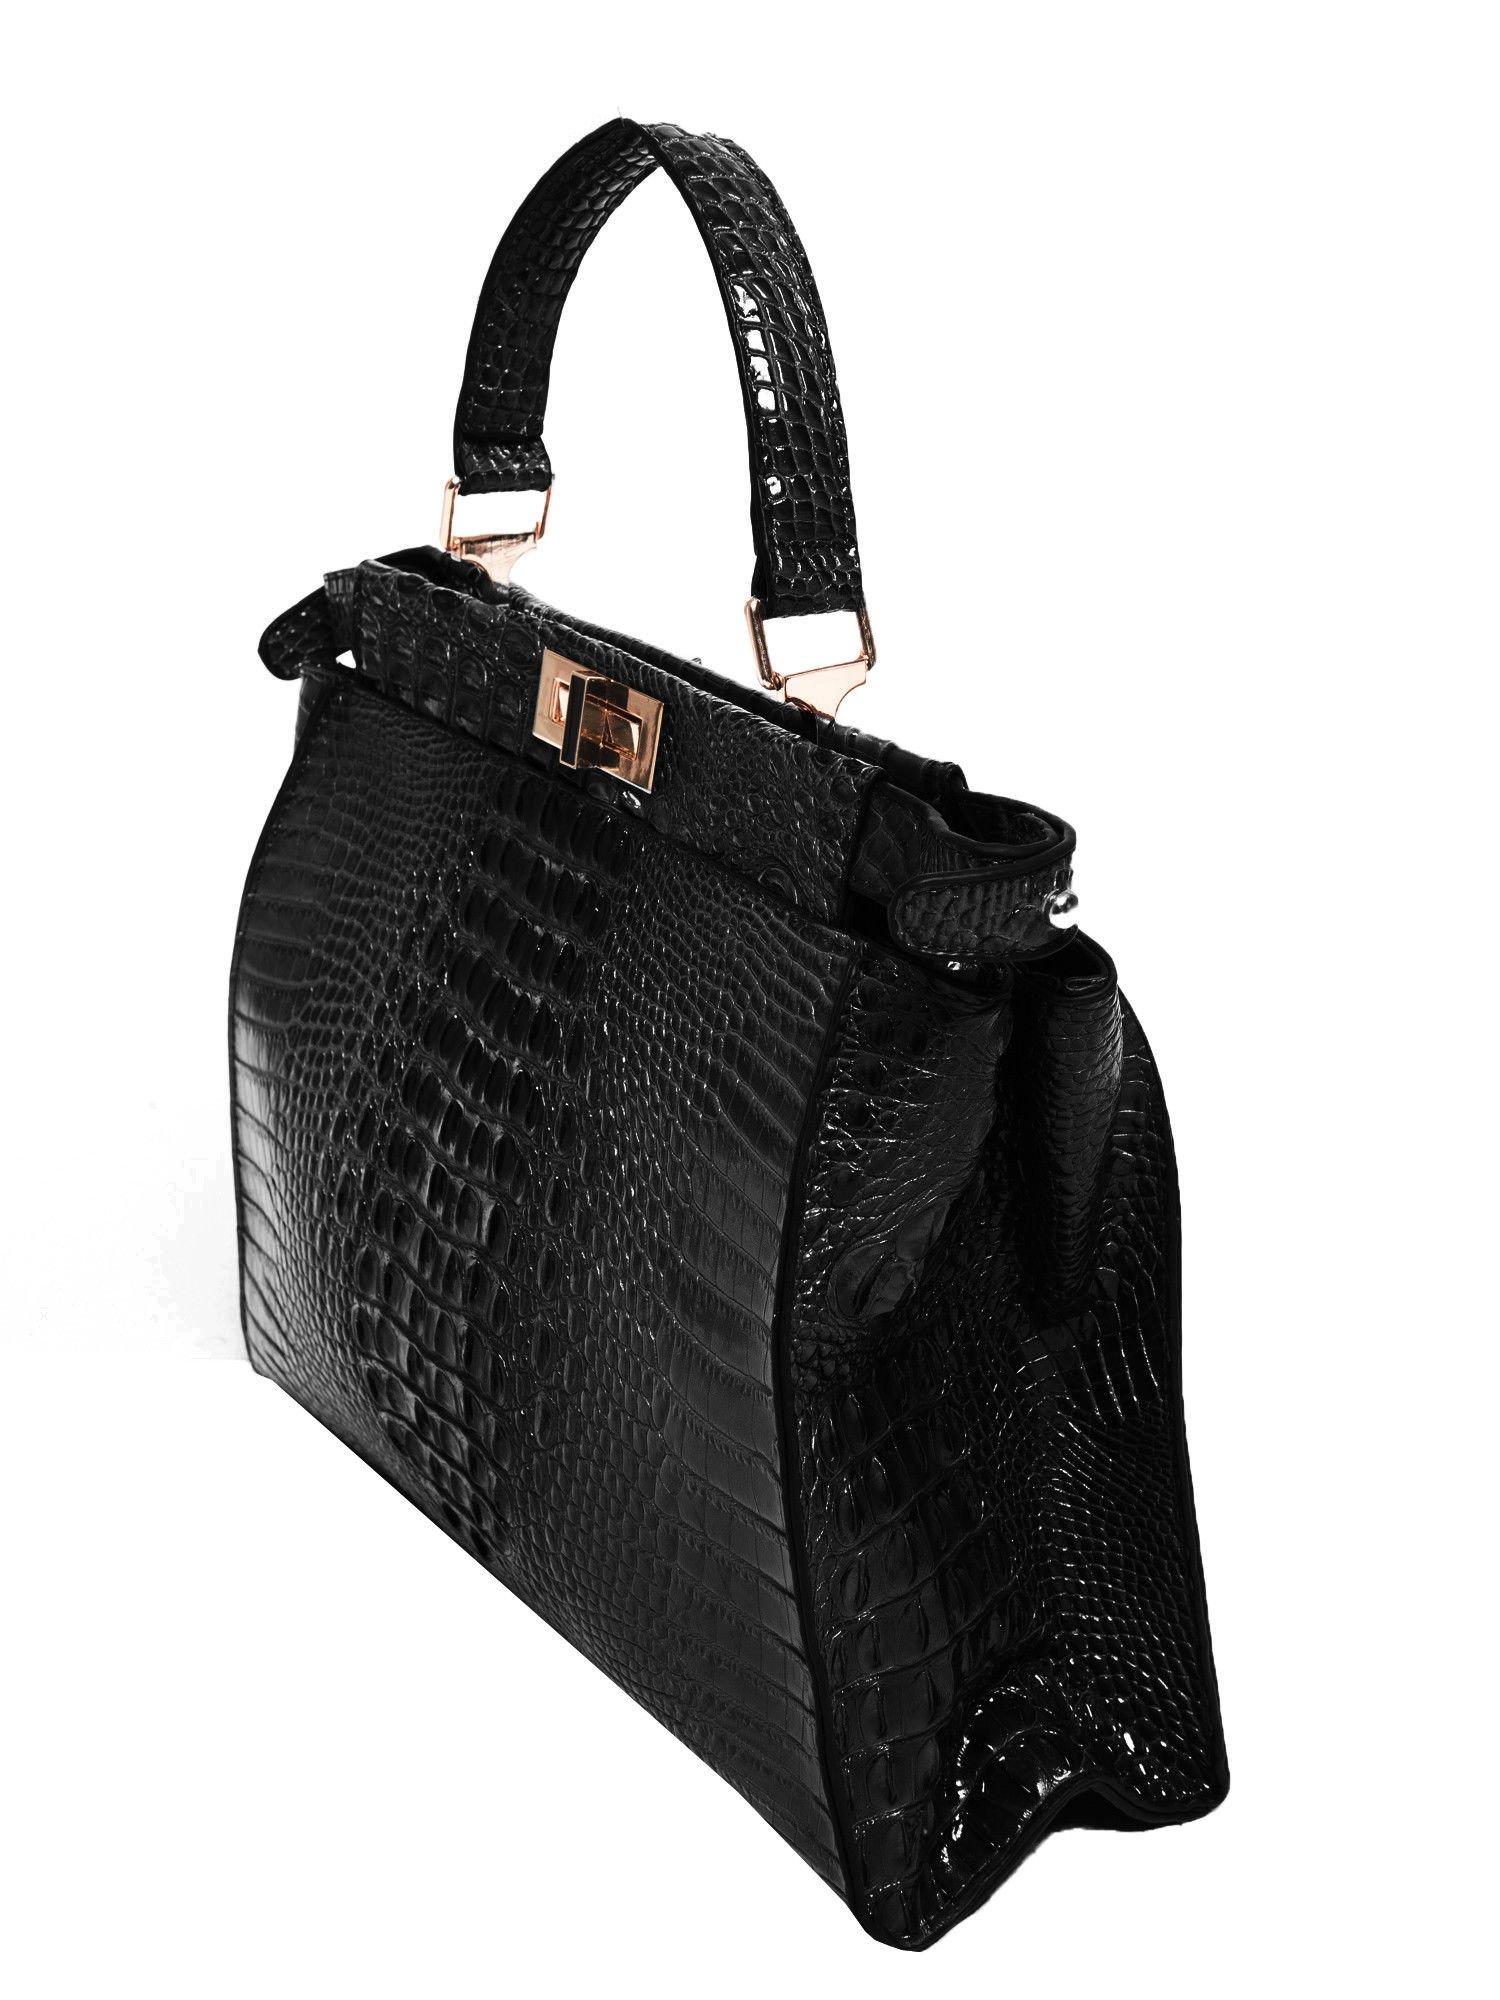 Czarna torba miejska z efektem krokodylej skóry                                  zdj.                                  2